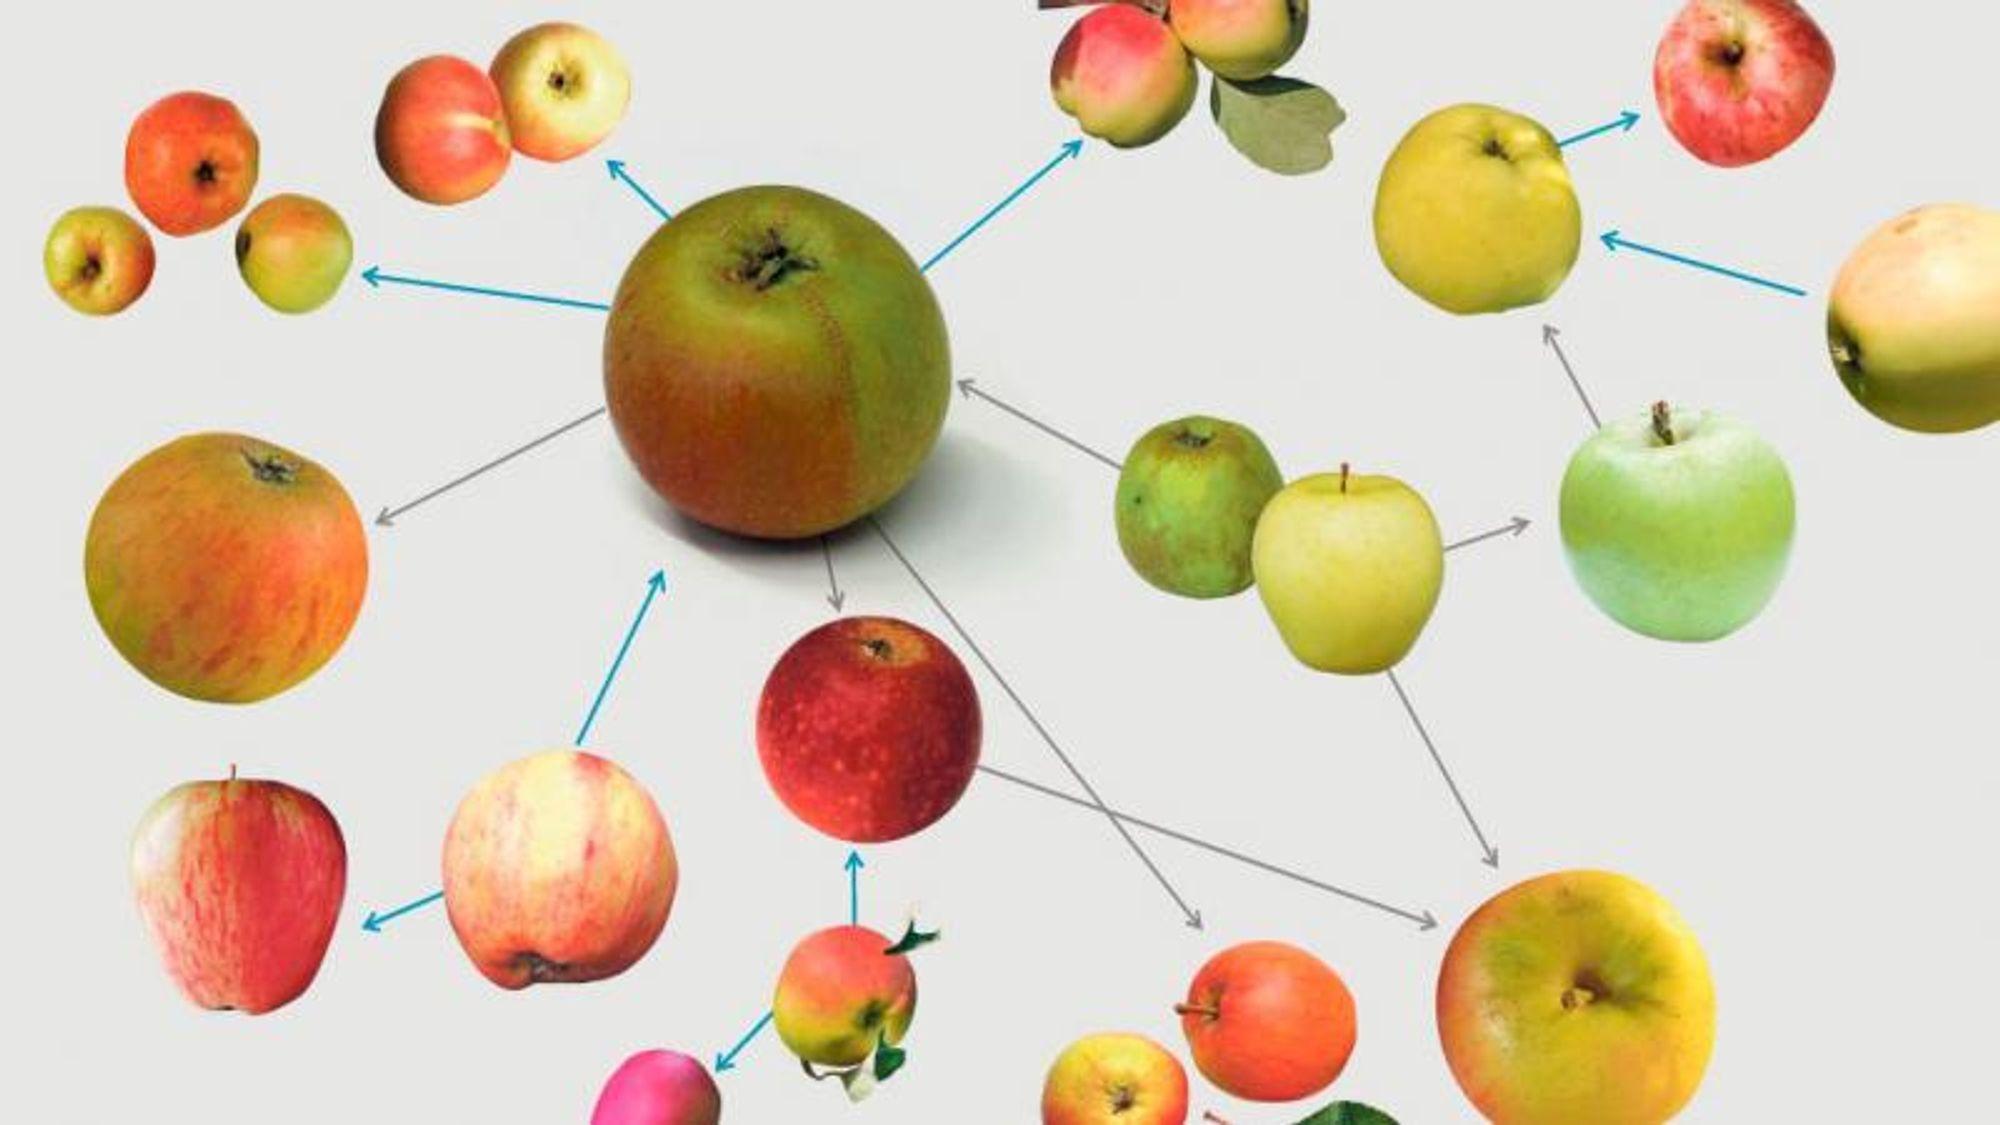 Mange eplesorter har oppstått helt tilfeldig av seg selv. I fremtiden kan genetikk brukes til å målrette utviklingen av nye eplesorter.